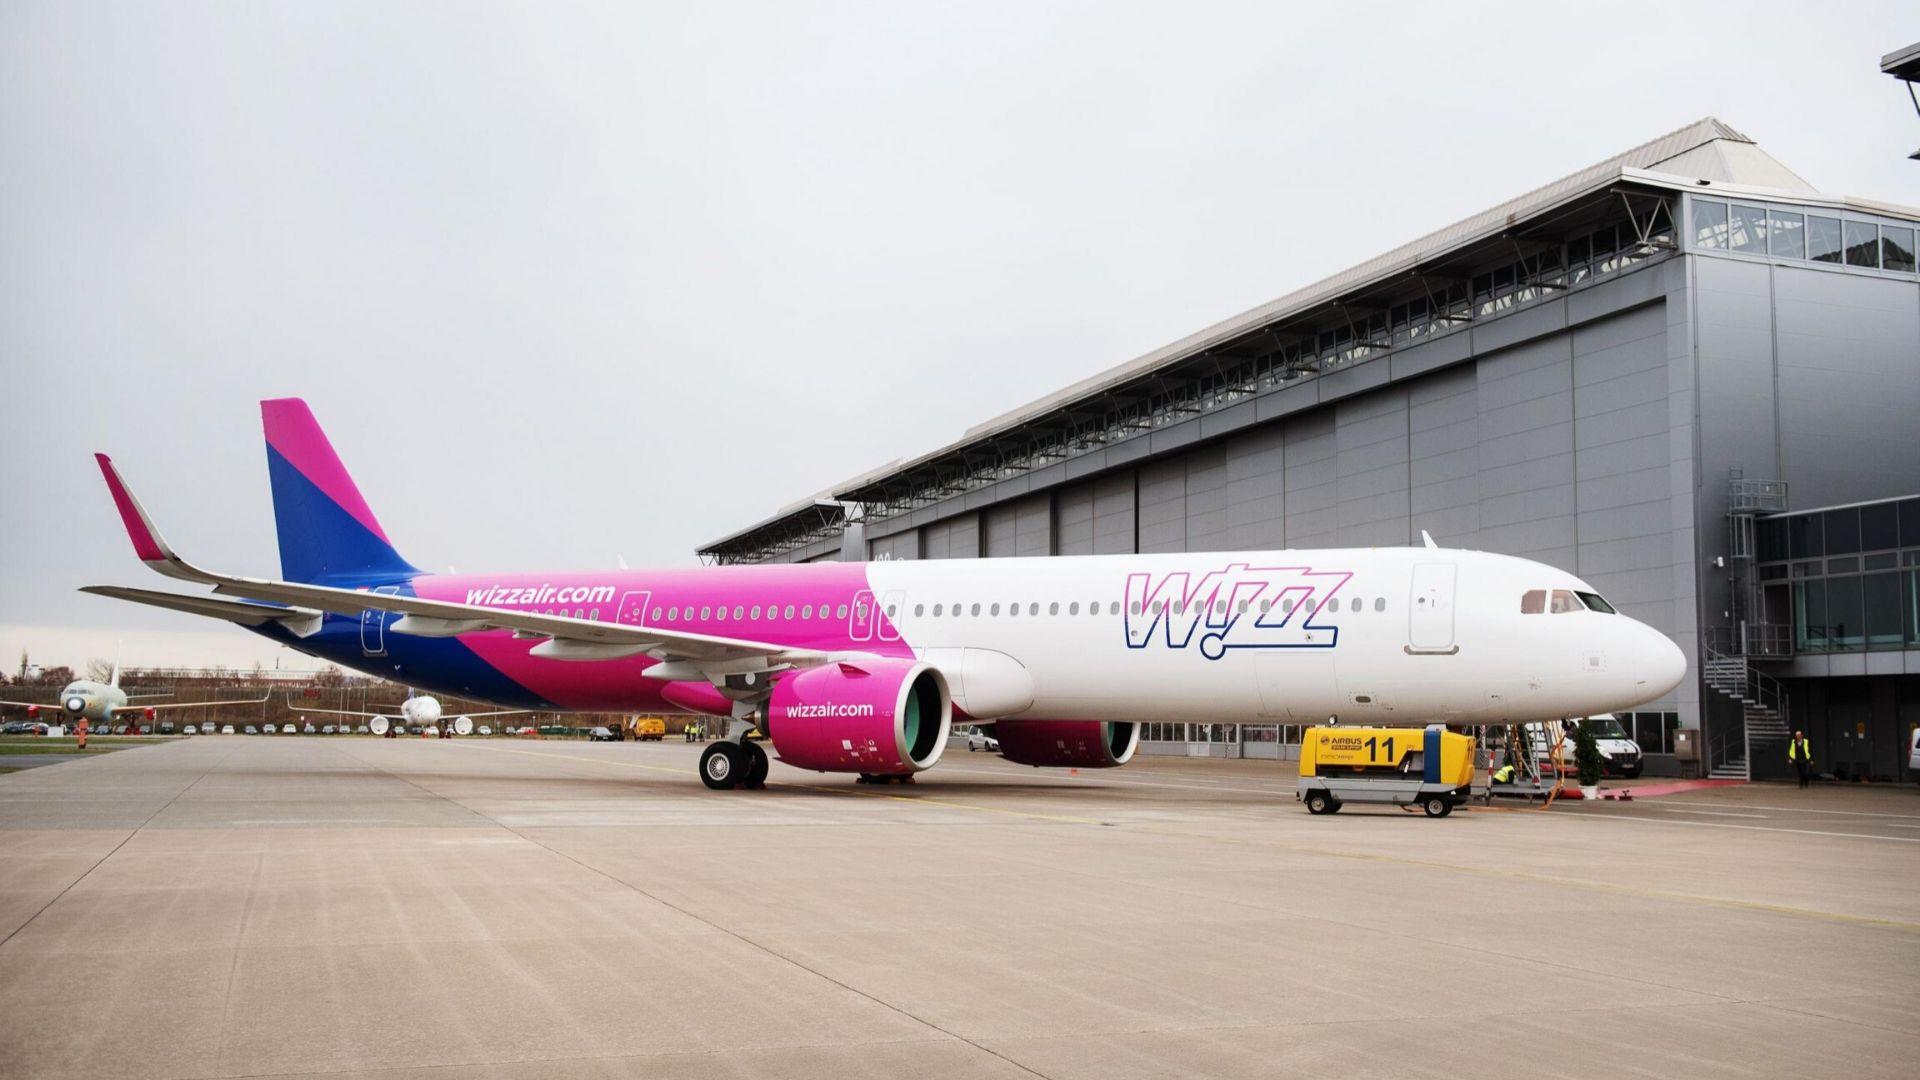 Wizz Air-მა სოფიადან ლონდონის მიმართულებით კომერციული ფრენა განახორციელა